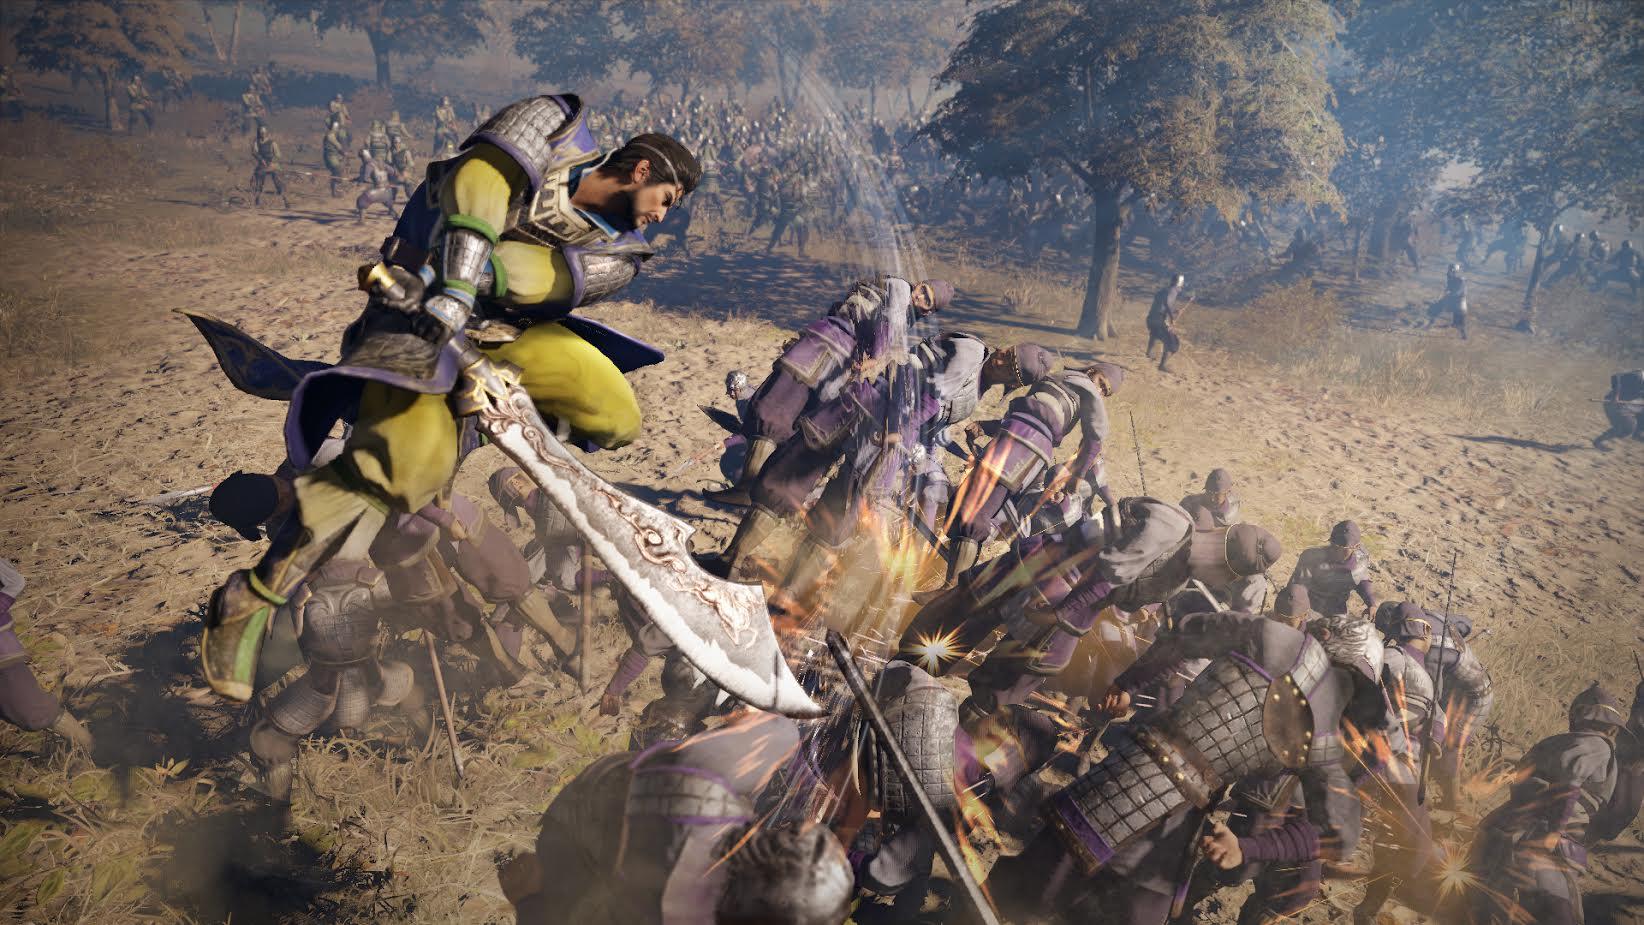 Reveladas novas imagens e detalhes do gameplay de Dynasty Warriors 9